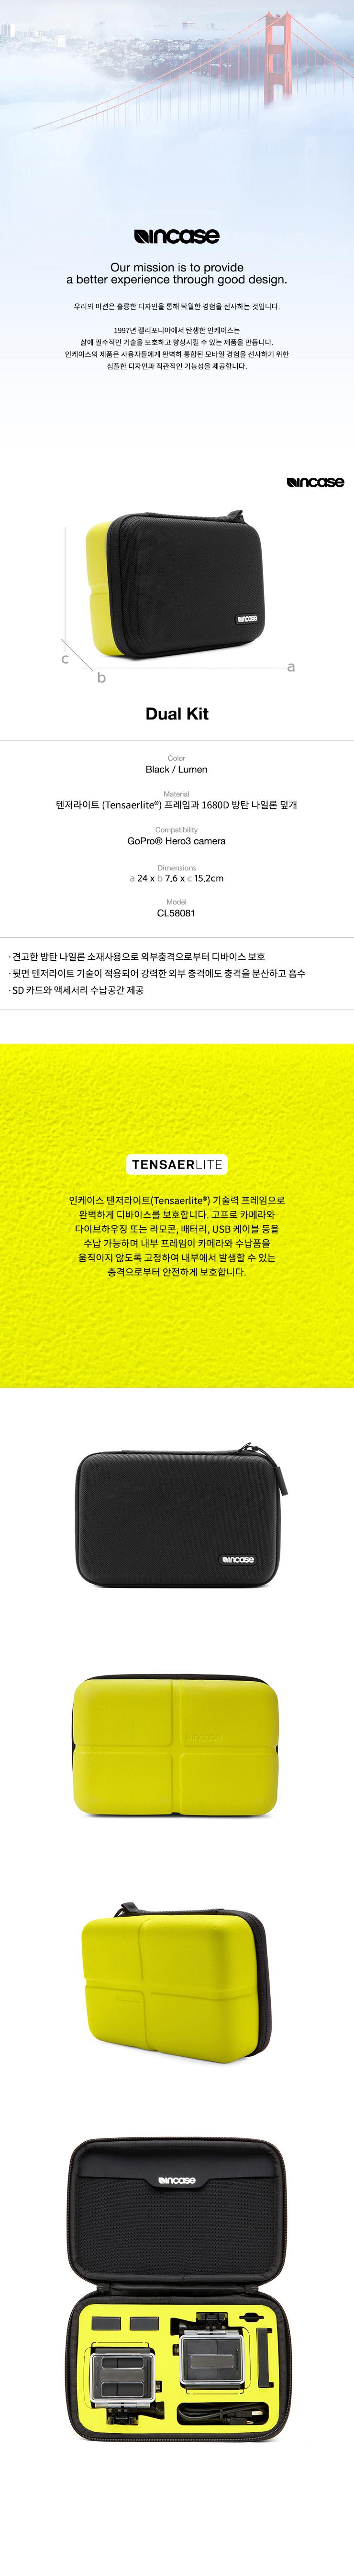 [인케이스]INCASE - Dual Kit for GoPro Hero3 CL58081 (Black/Lumen) 인케이스가방 정품 듀얼키트 키트 공구 공구보관함